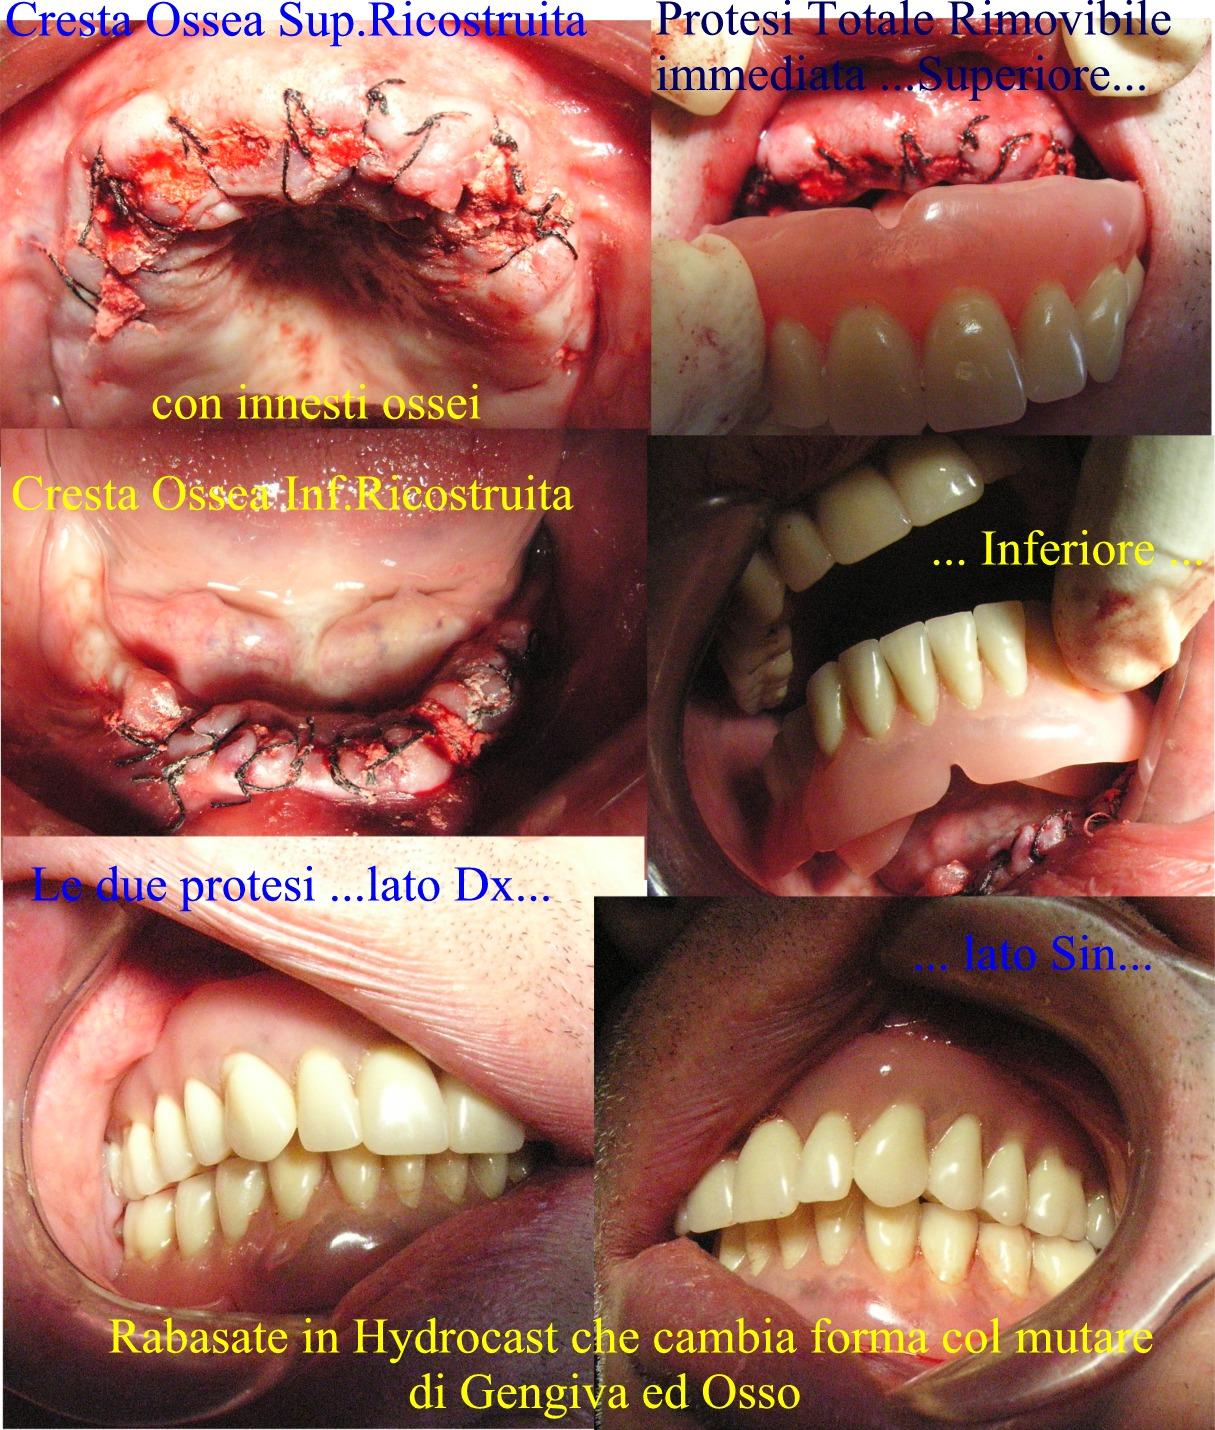 Protesi totale immediata in Hidrocast con ricostruzione ossea parodontale della cresta ossea. Dr. Gustavo Petti Cagliari